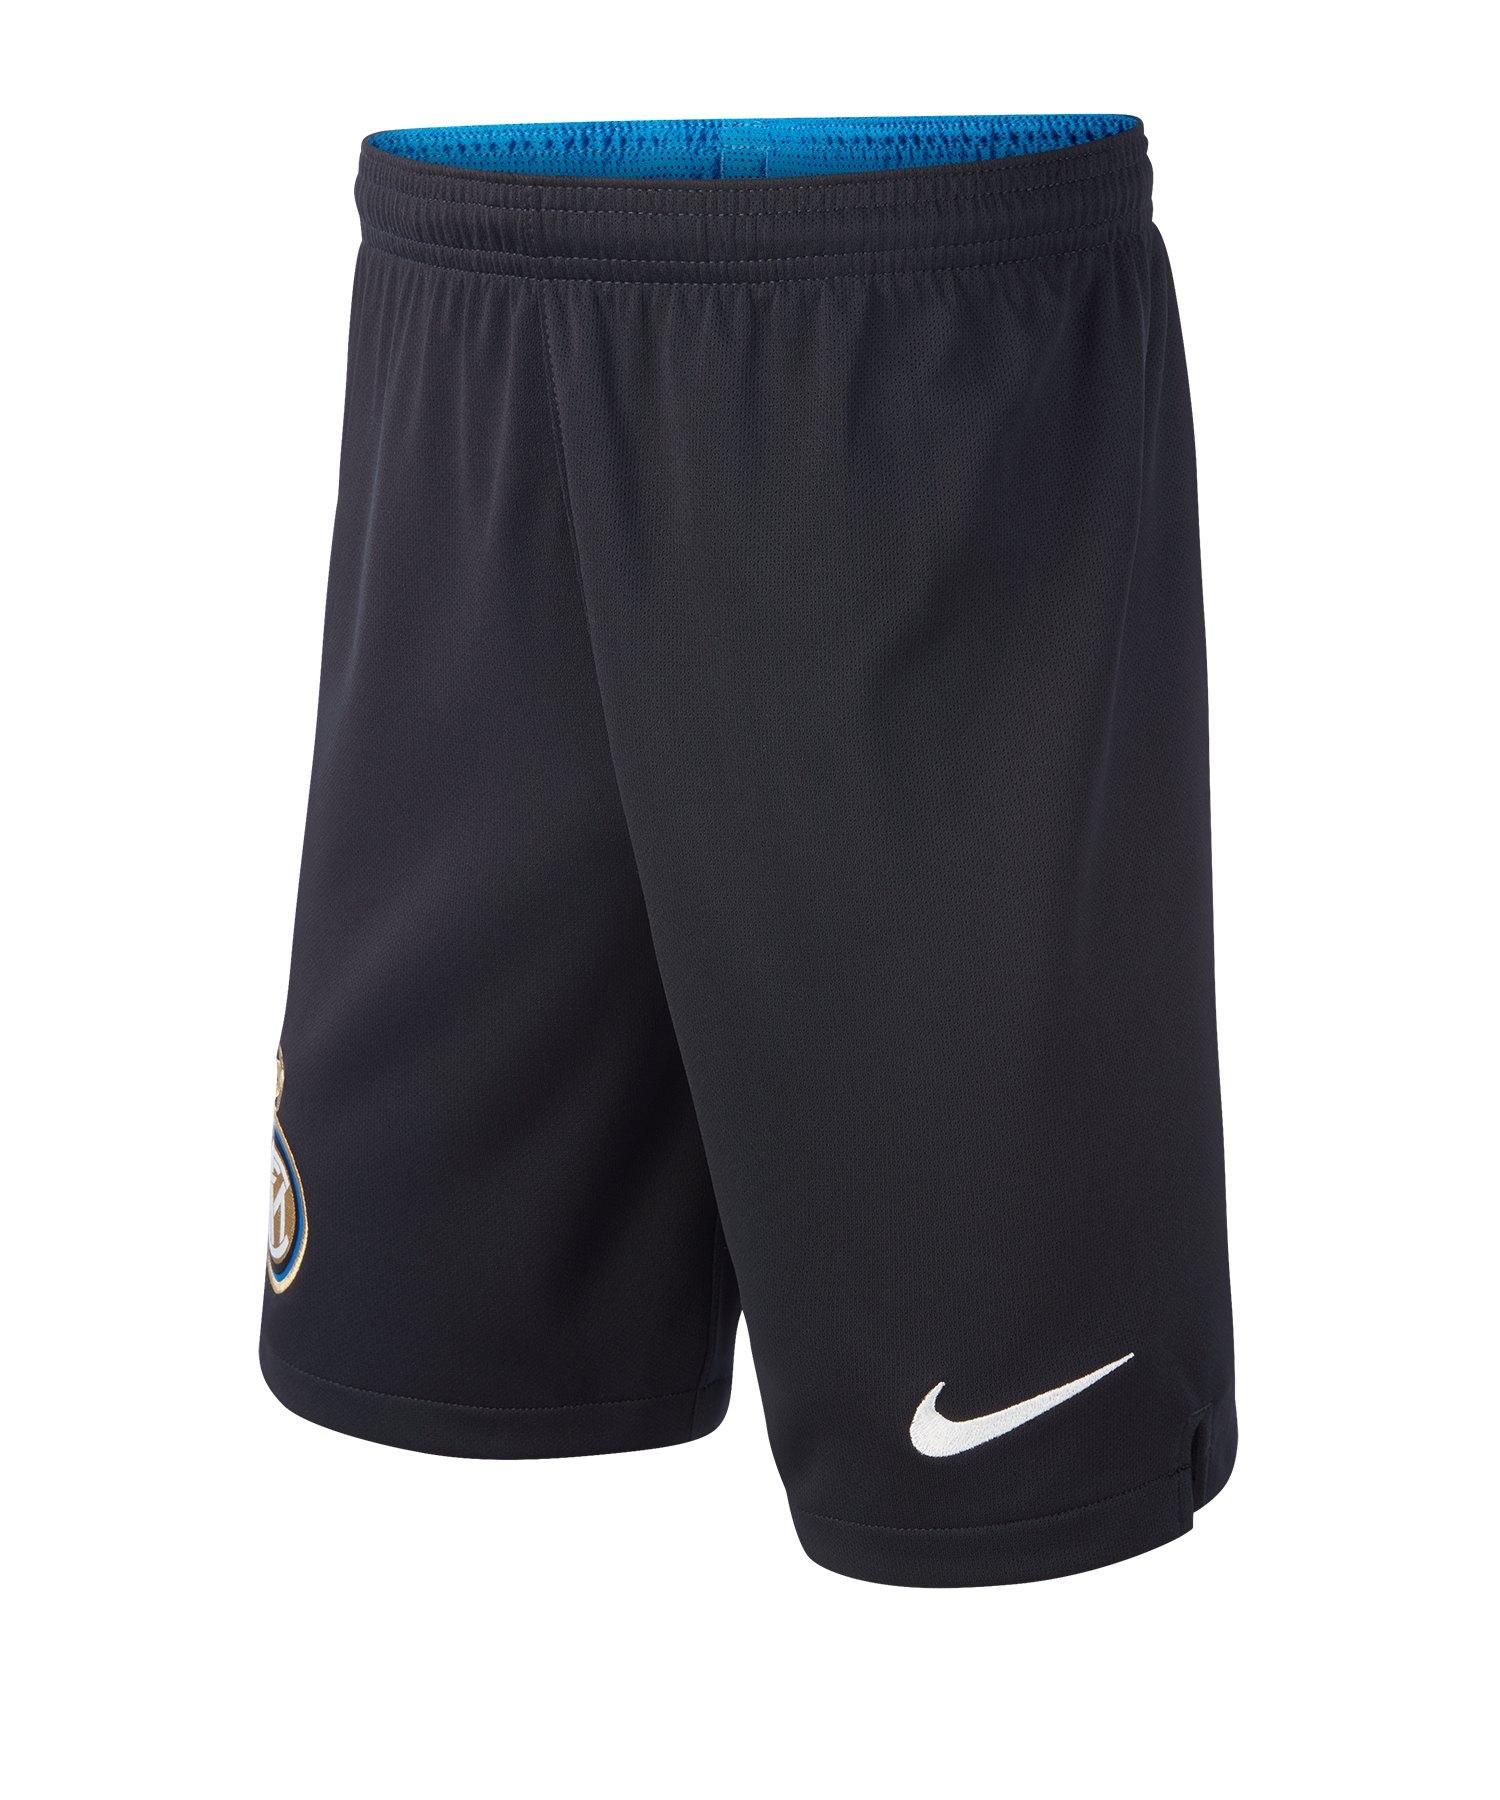 Nike Inter Mailand Short Home Kids 2019/2020 Schwarz F010 - Schwarz